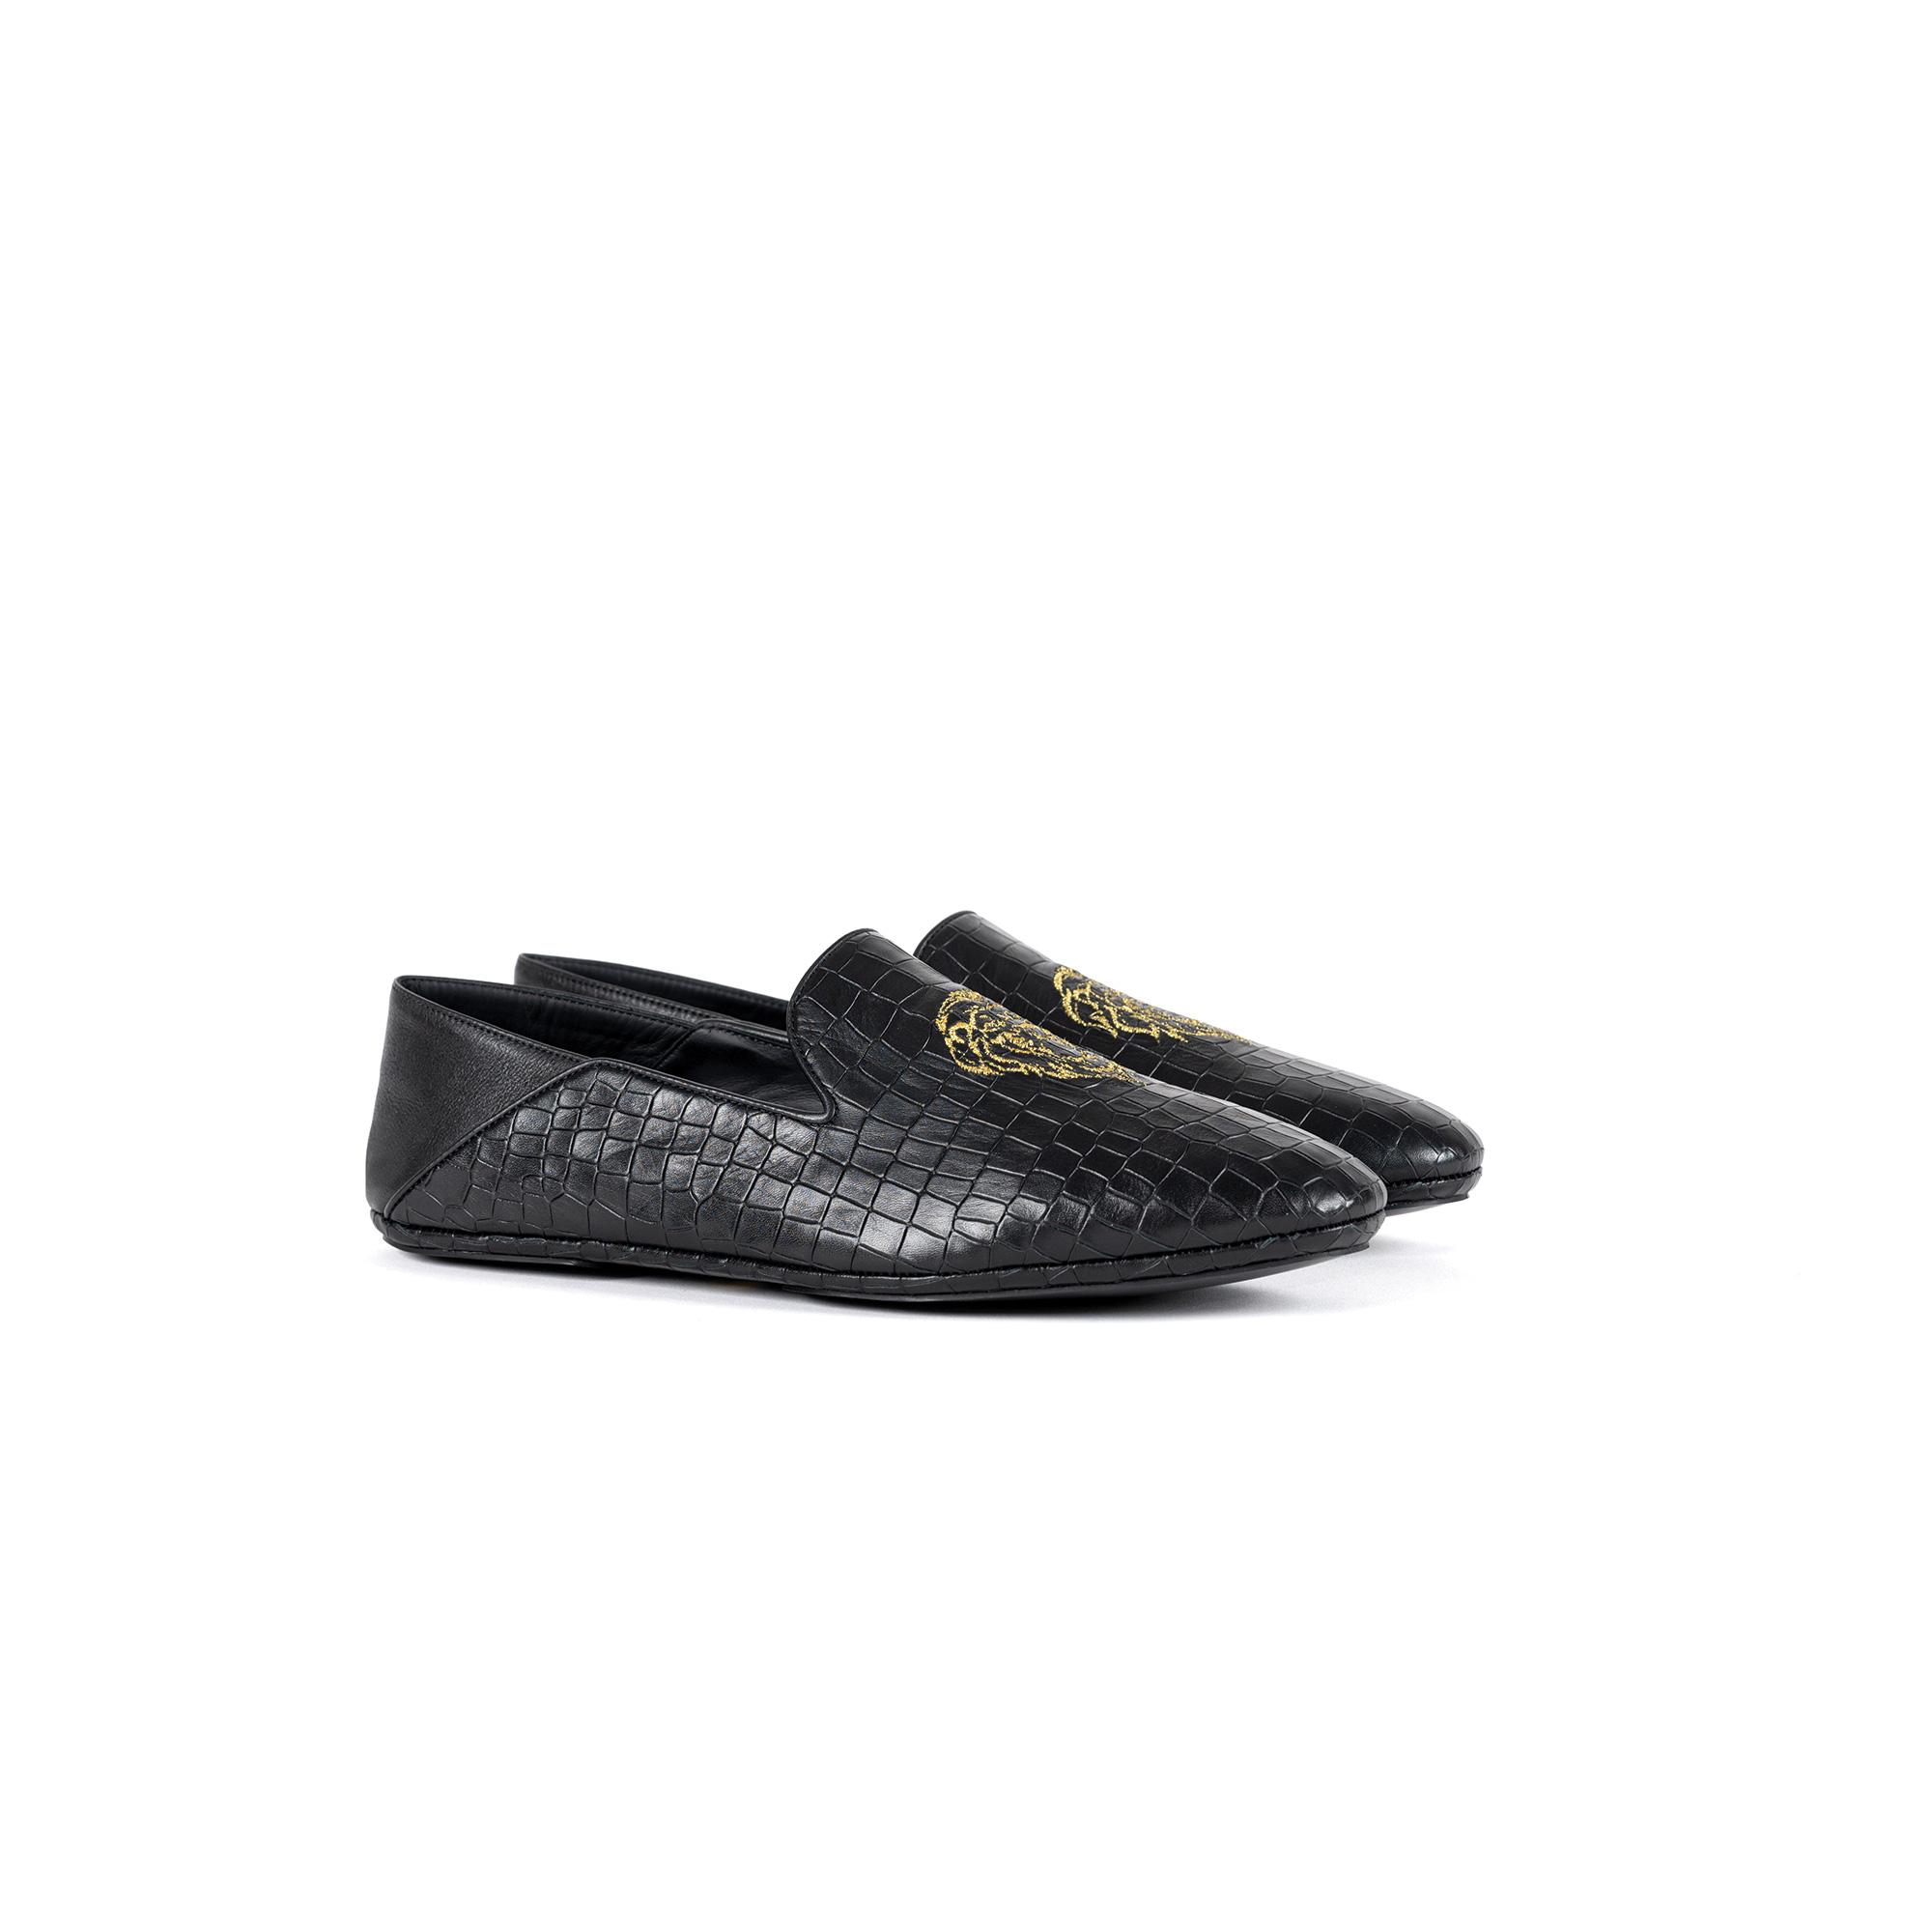 Pantofola interno lusso chiusa in pelle stampato cocco - Farfalla italian slippers